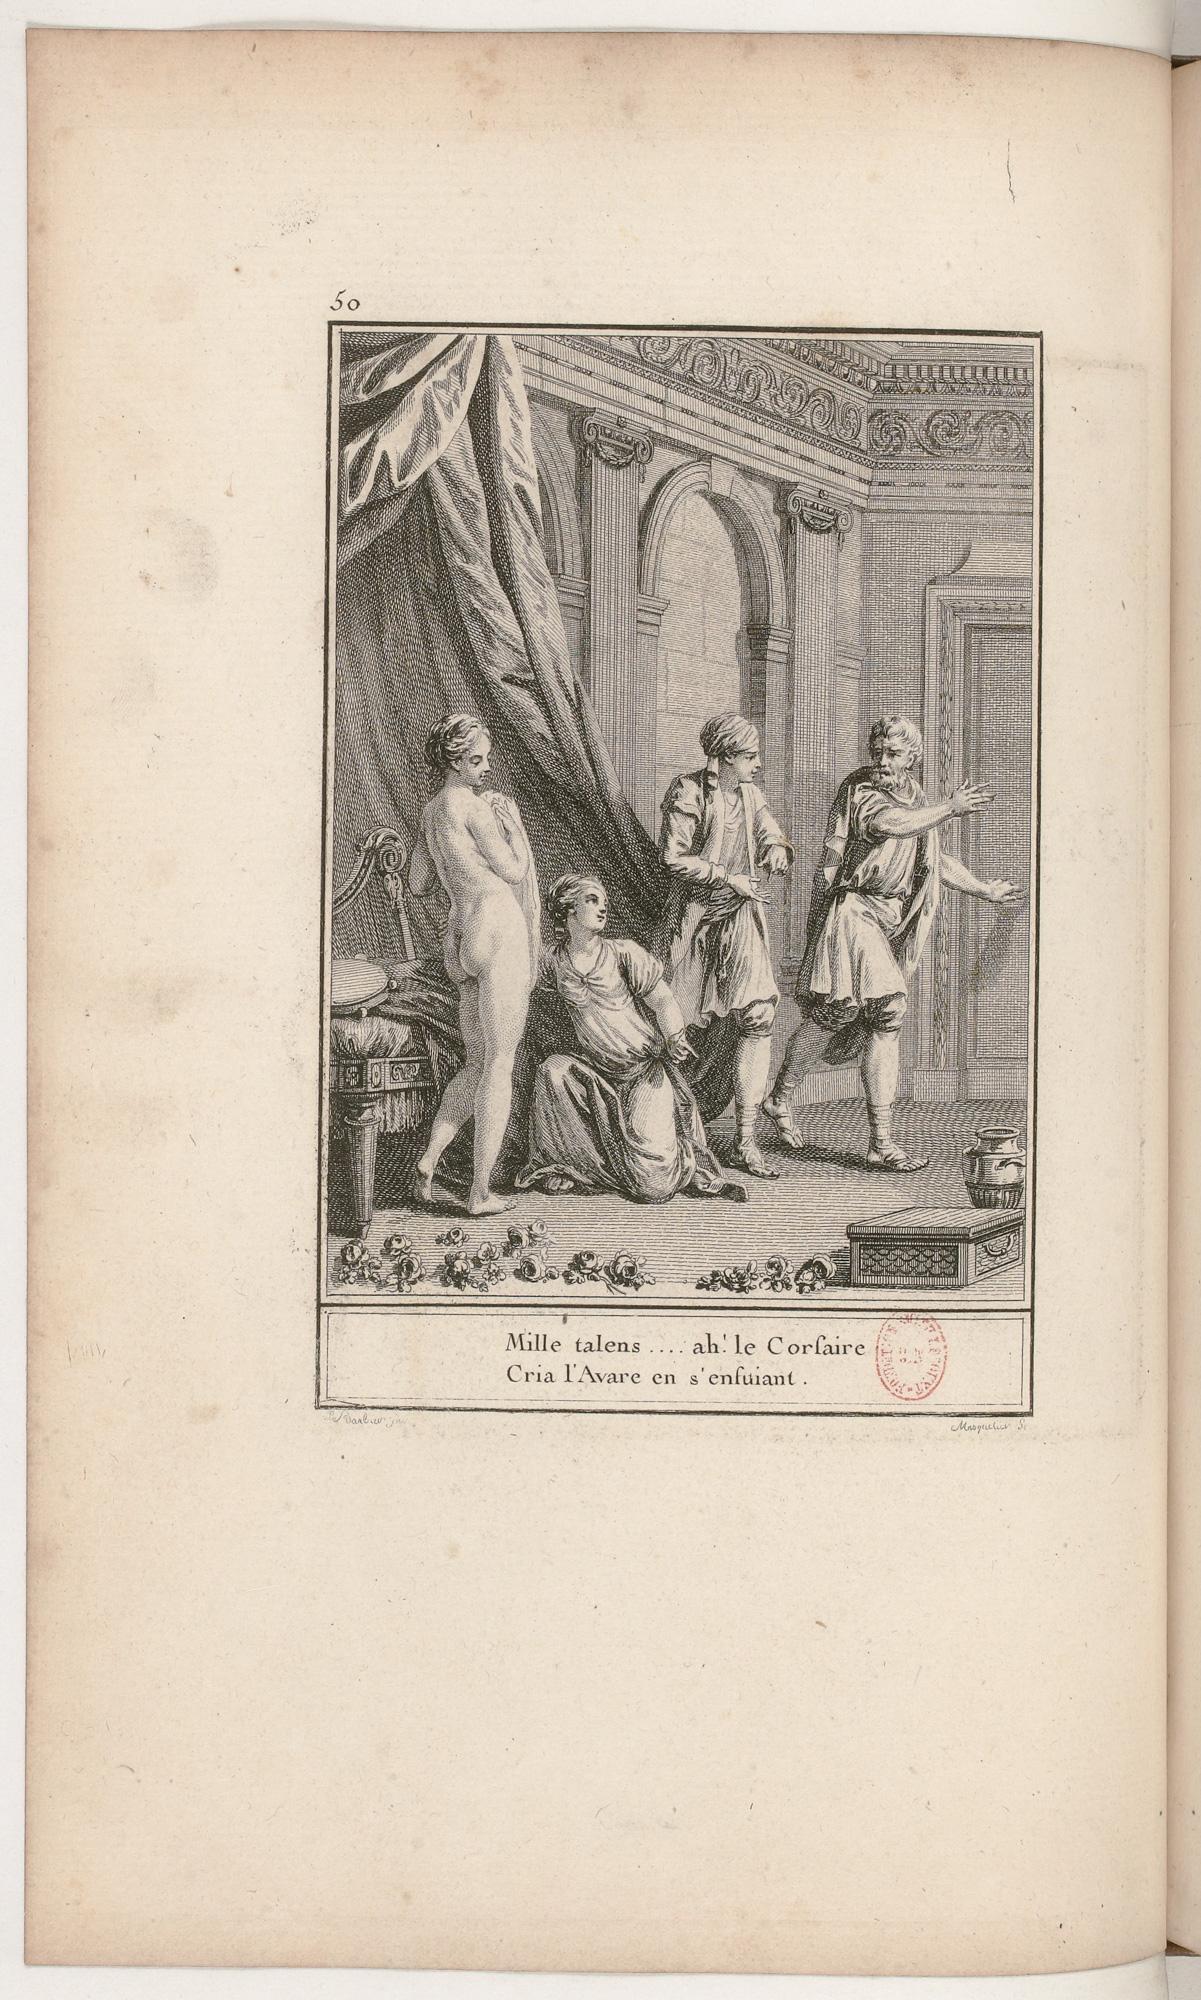 S.3.09 L'avare et la jeune esclave,1772, Image